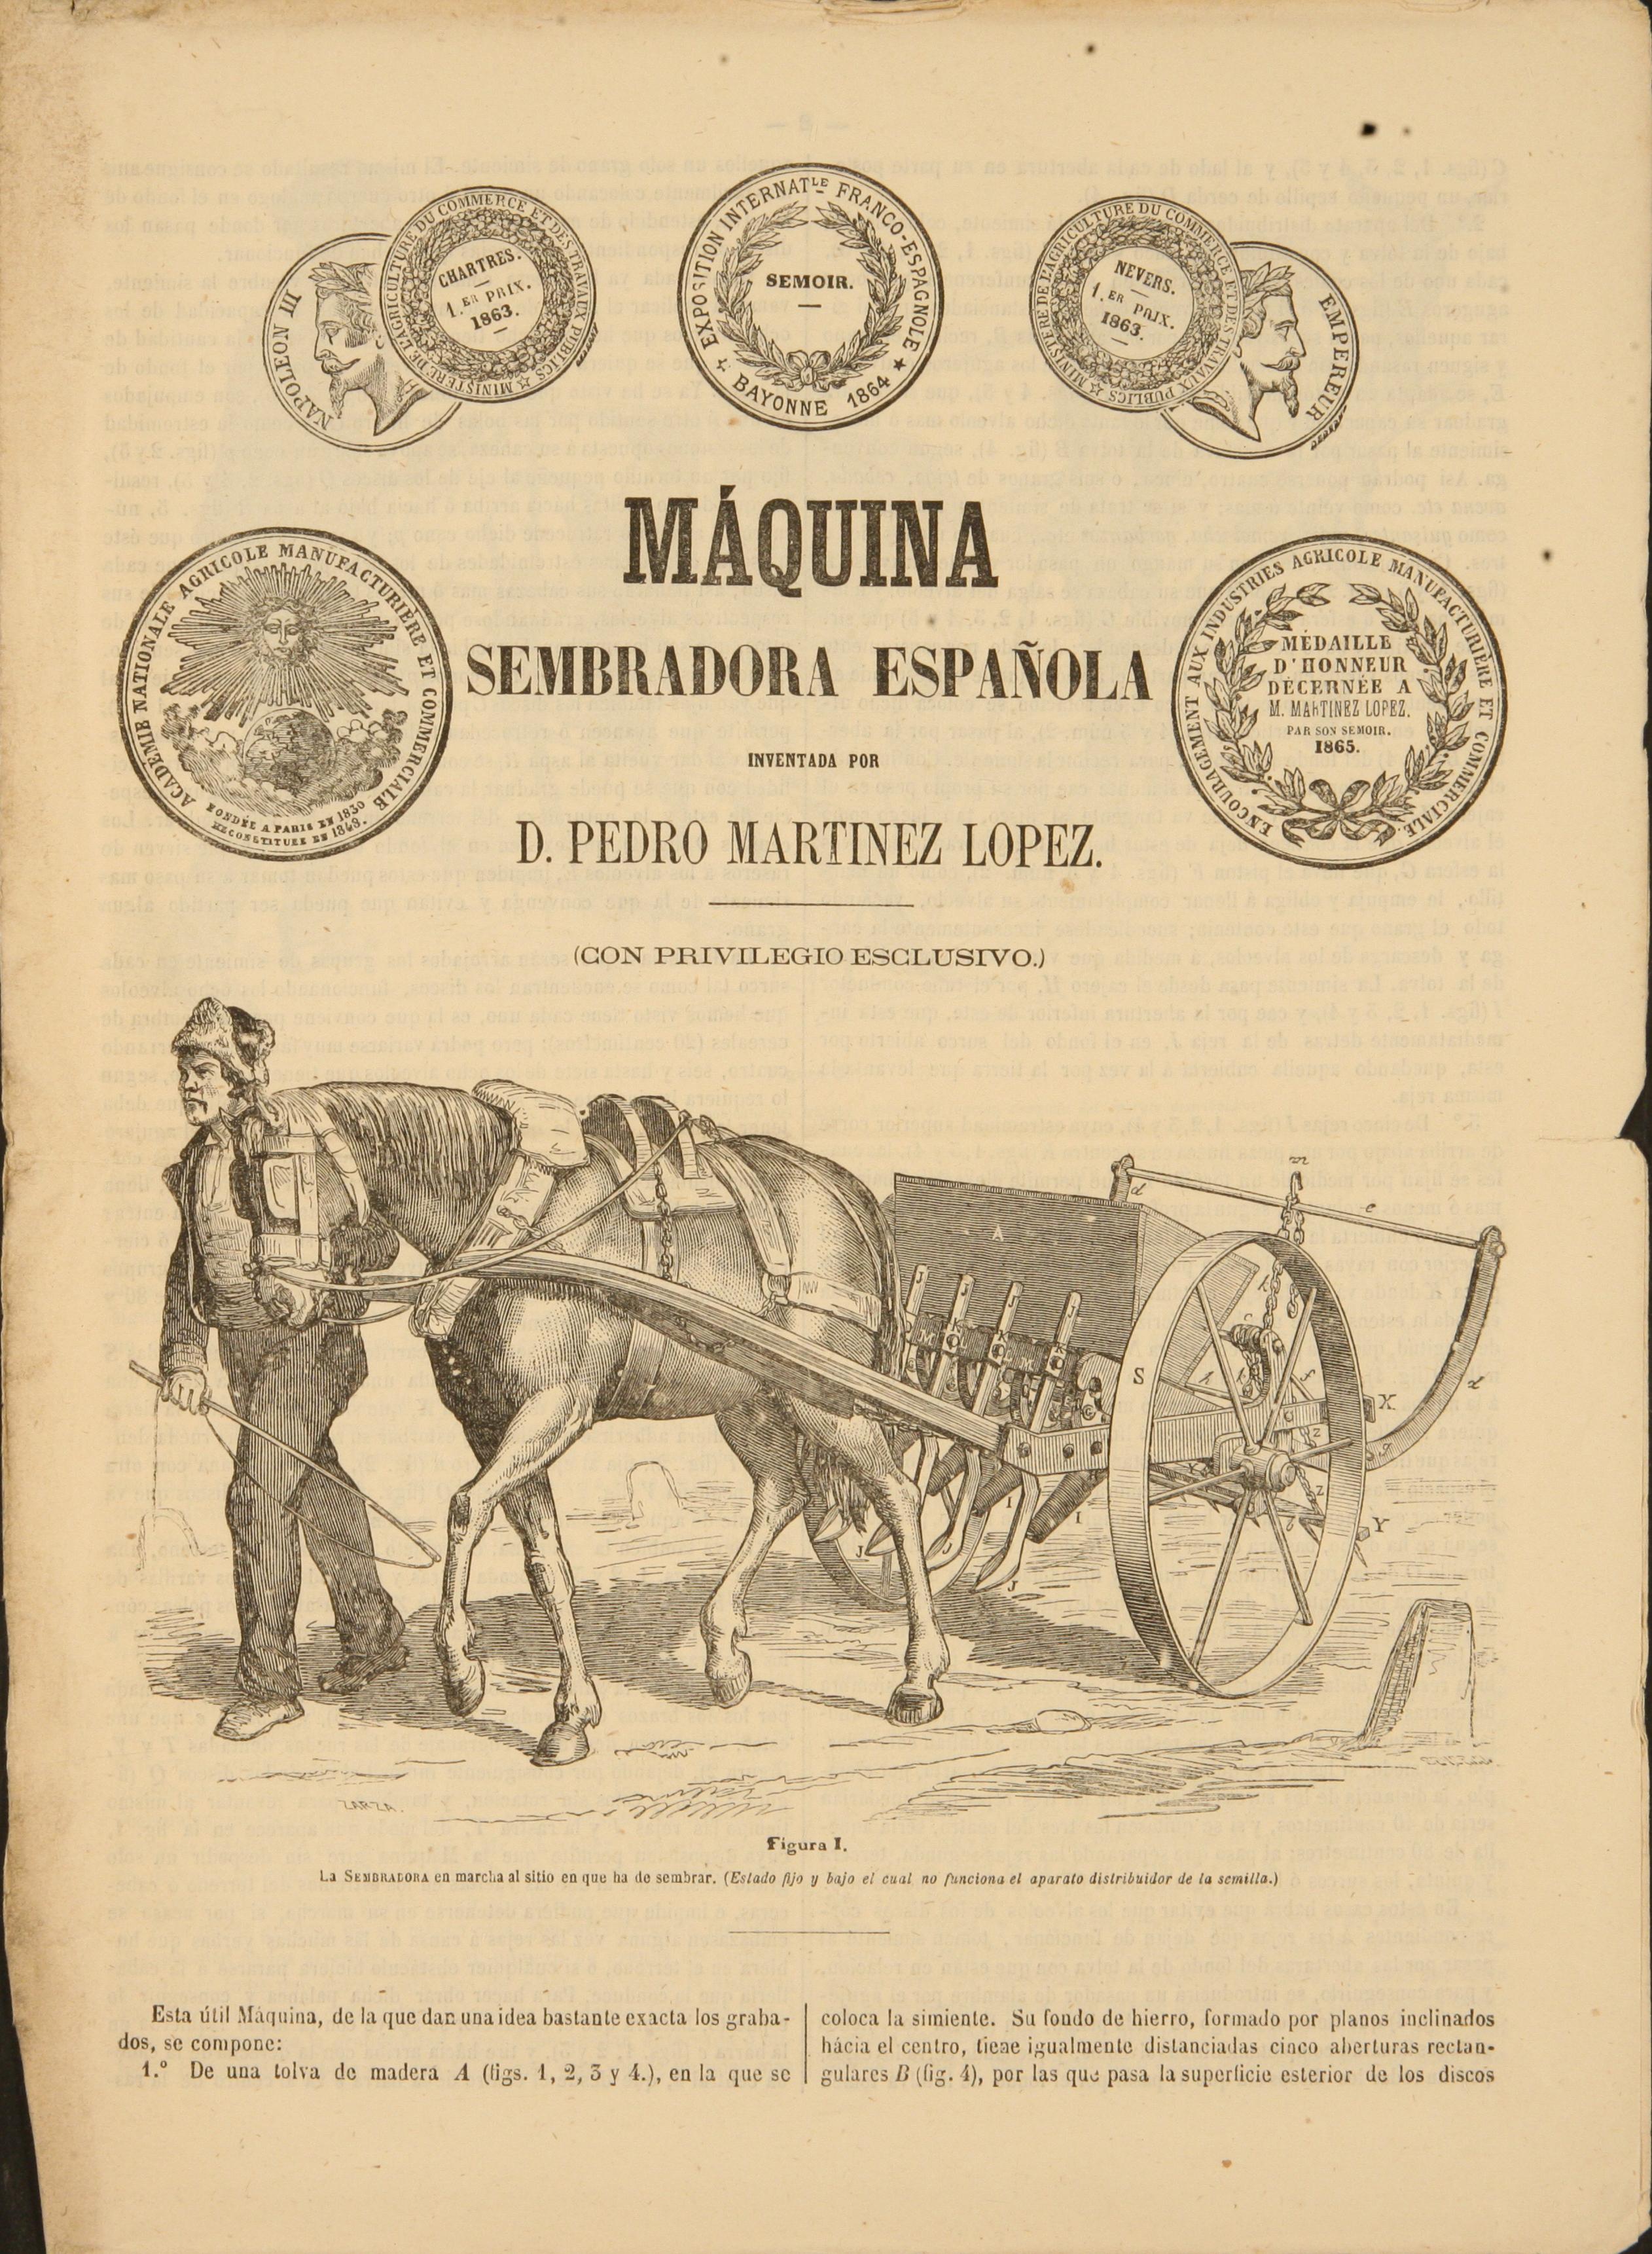 O novo web recolle 160.000 documentos sobre economía dos séculos XIX e XX